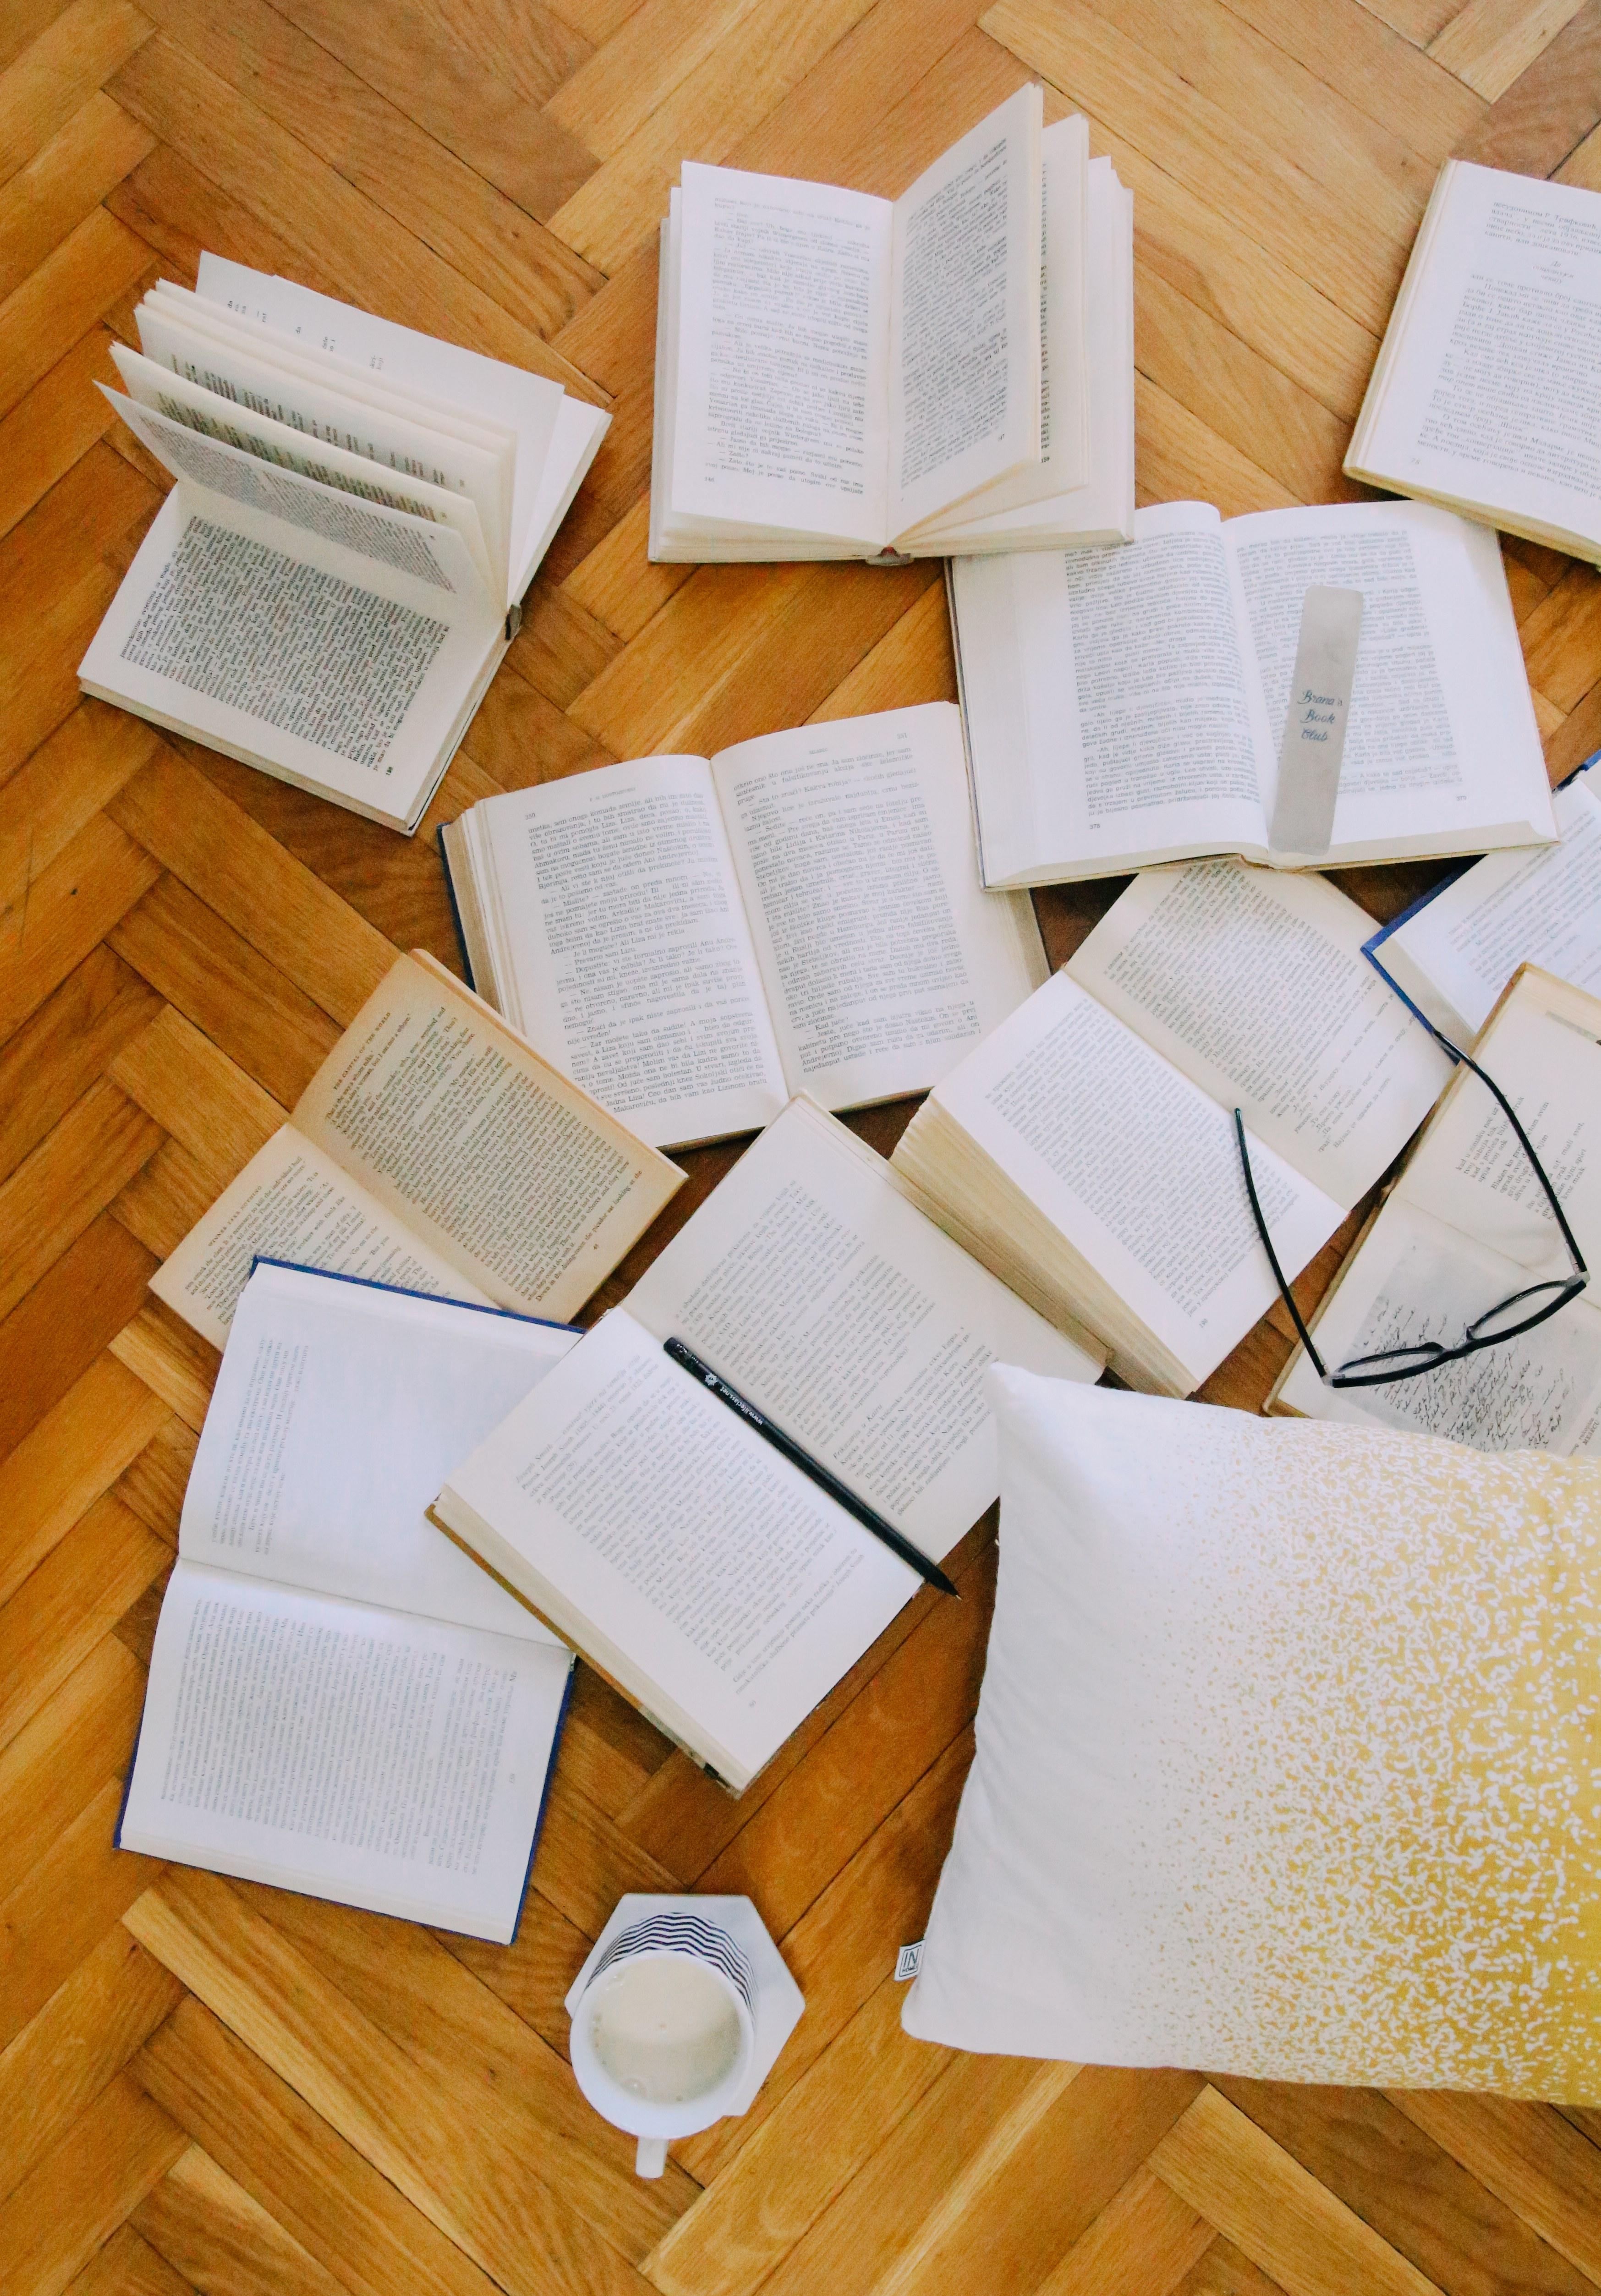 Književnost-Književna-Šuškanja-Šta-Čitati